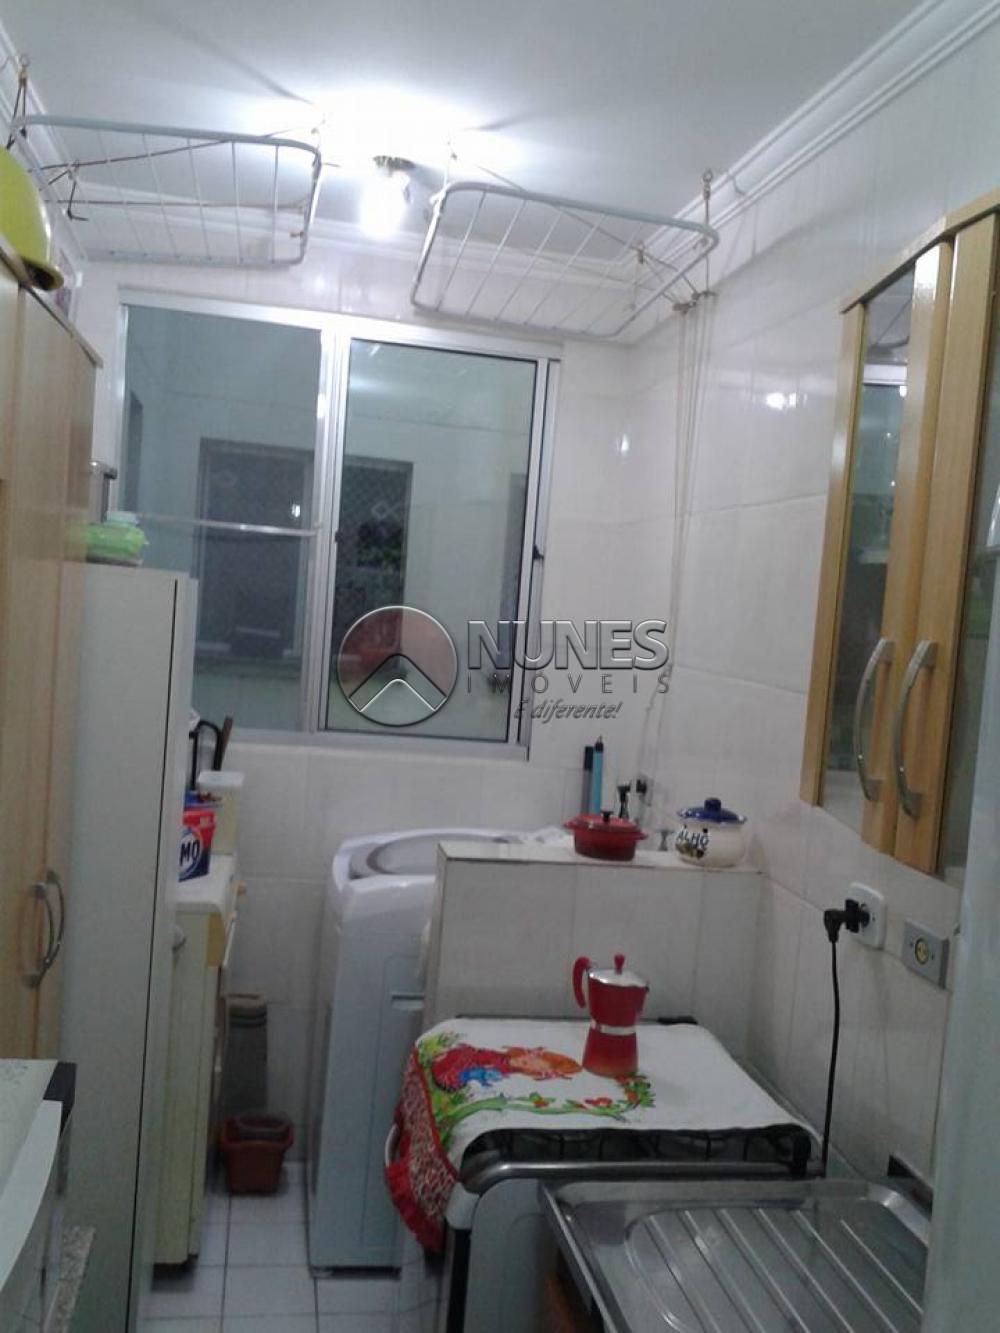 Comprar Apartamento / Padrão em Carapicuíba apenas R$ 165.000,00 - Foto 10